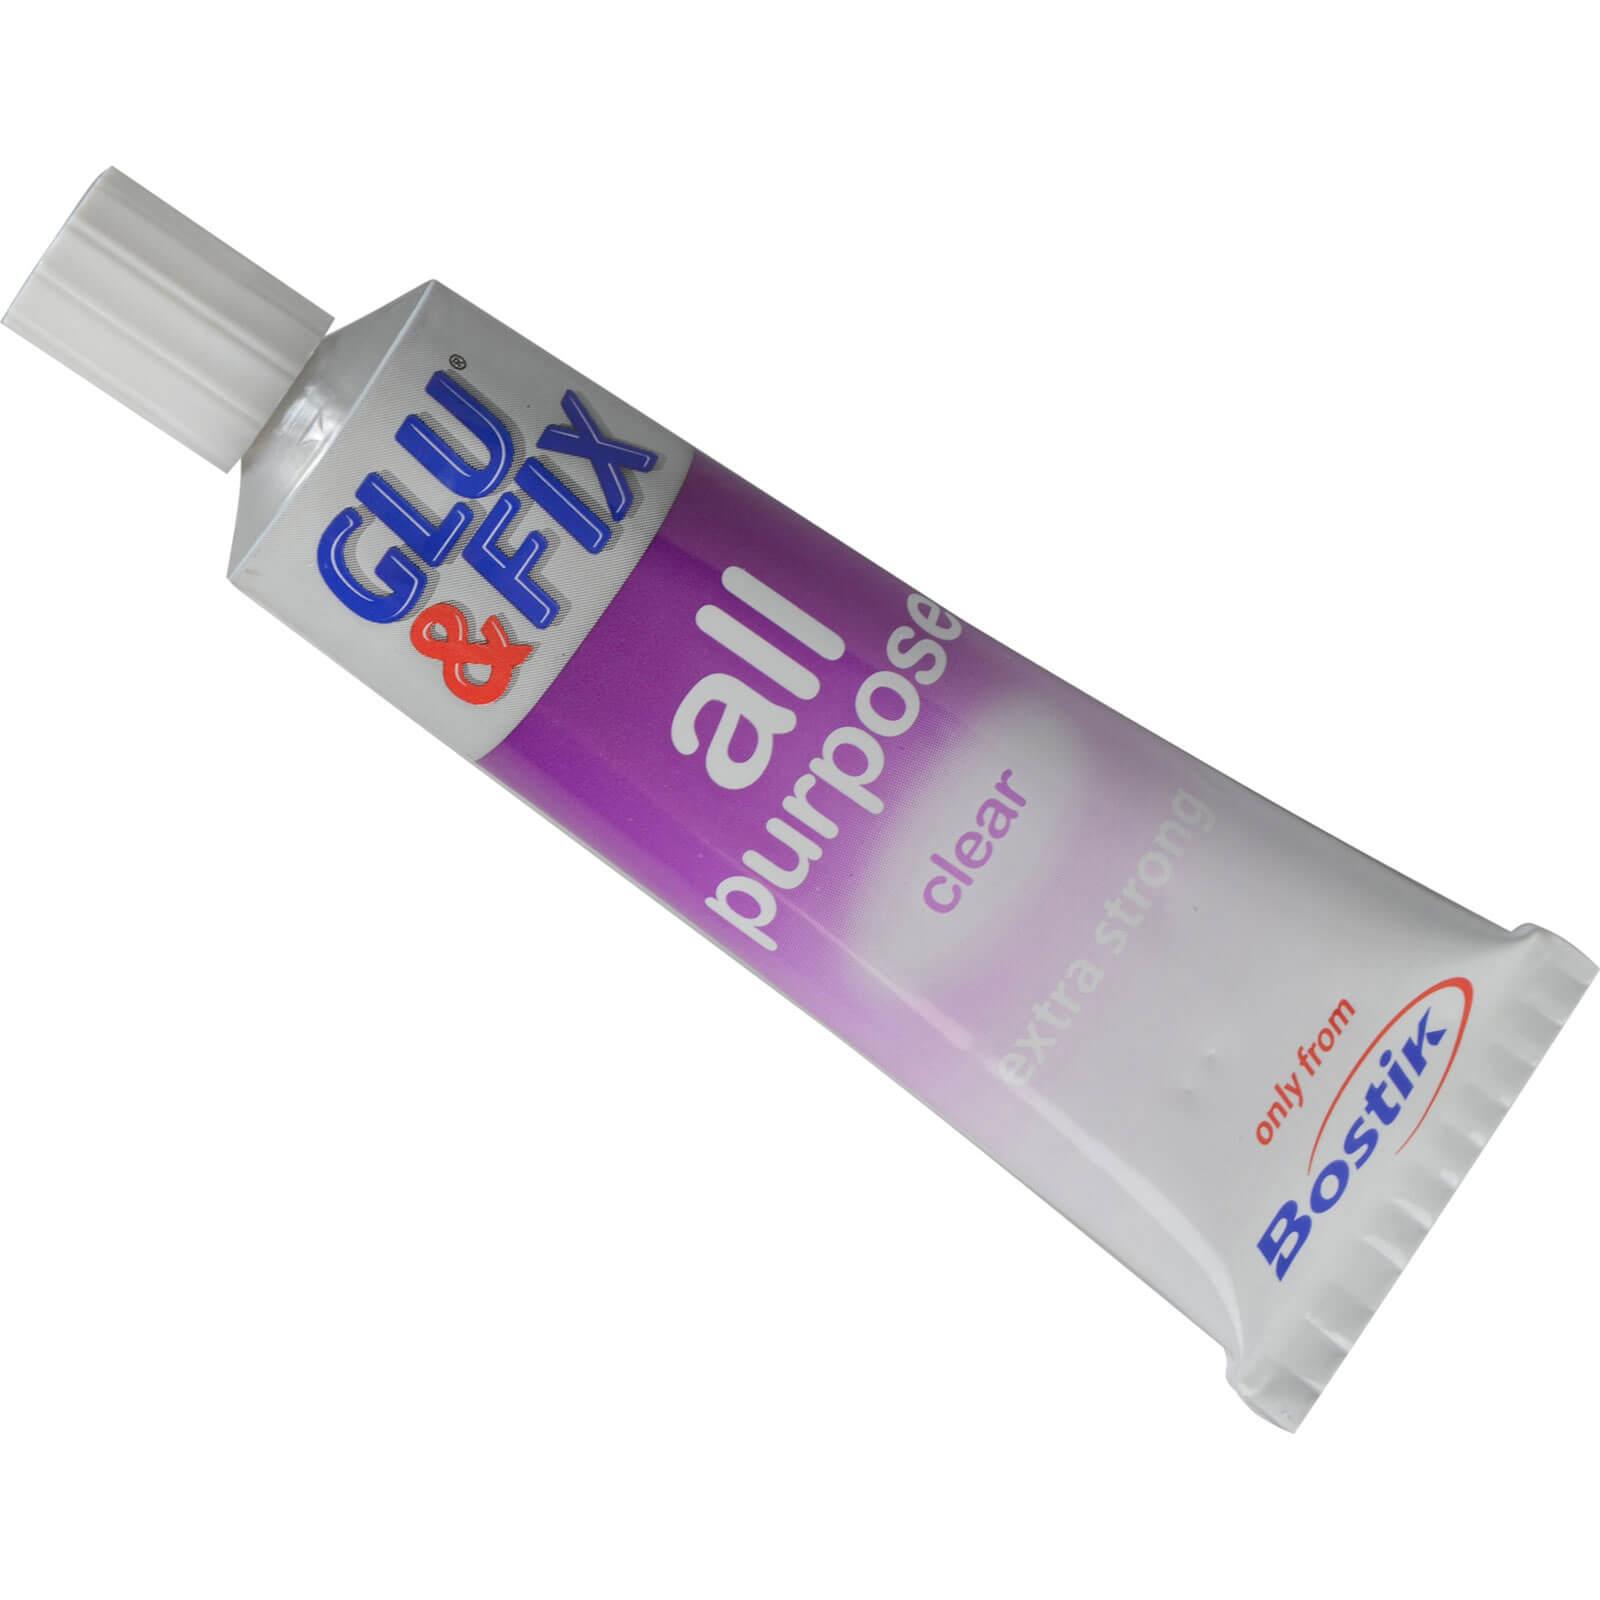 Image of Bostik All Purpose Adhesive 50ml